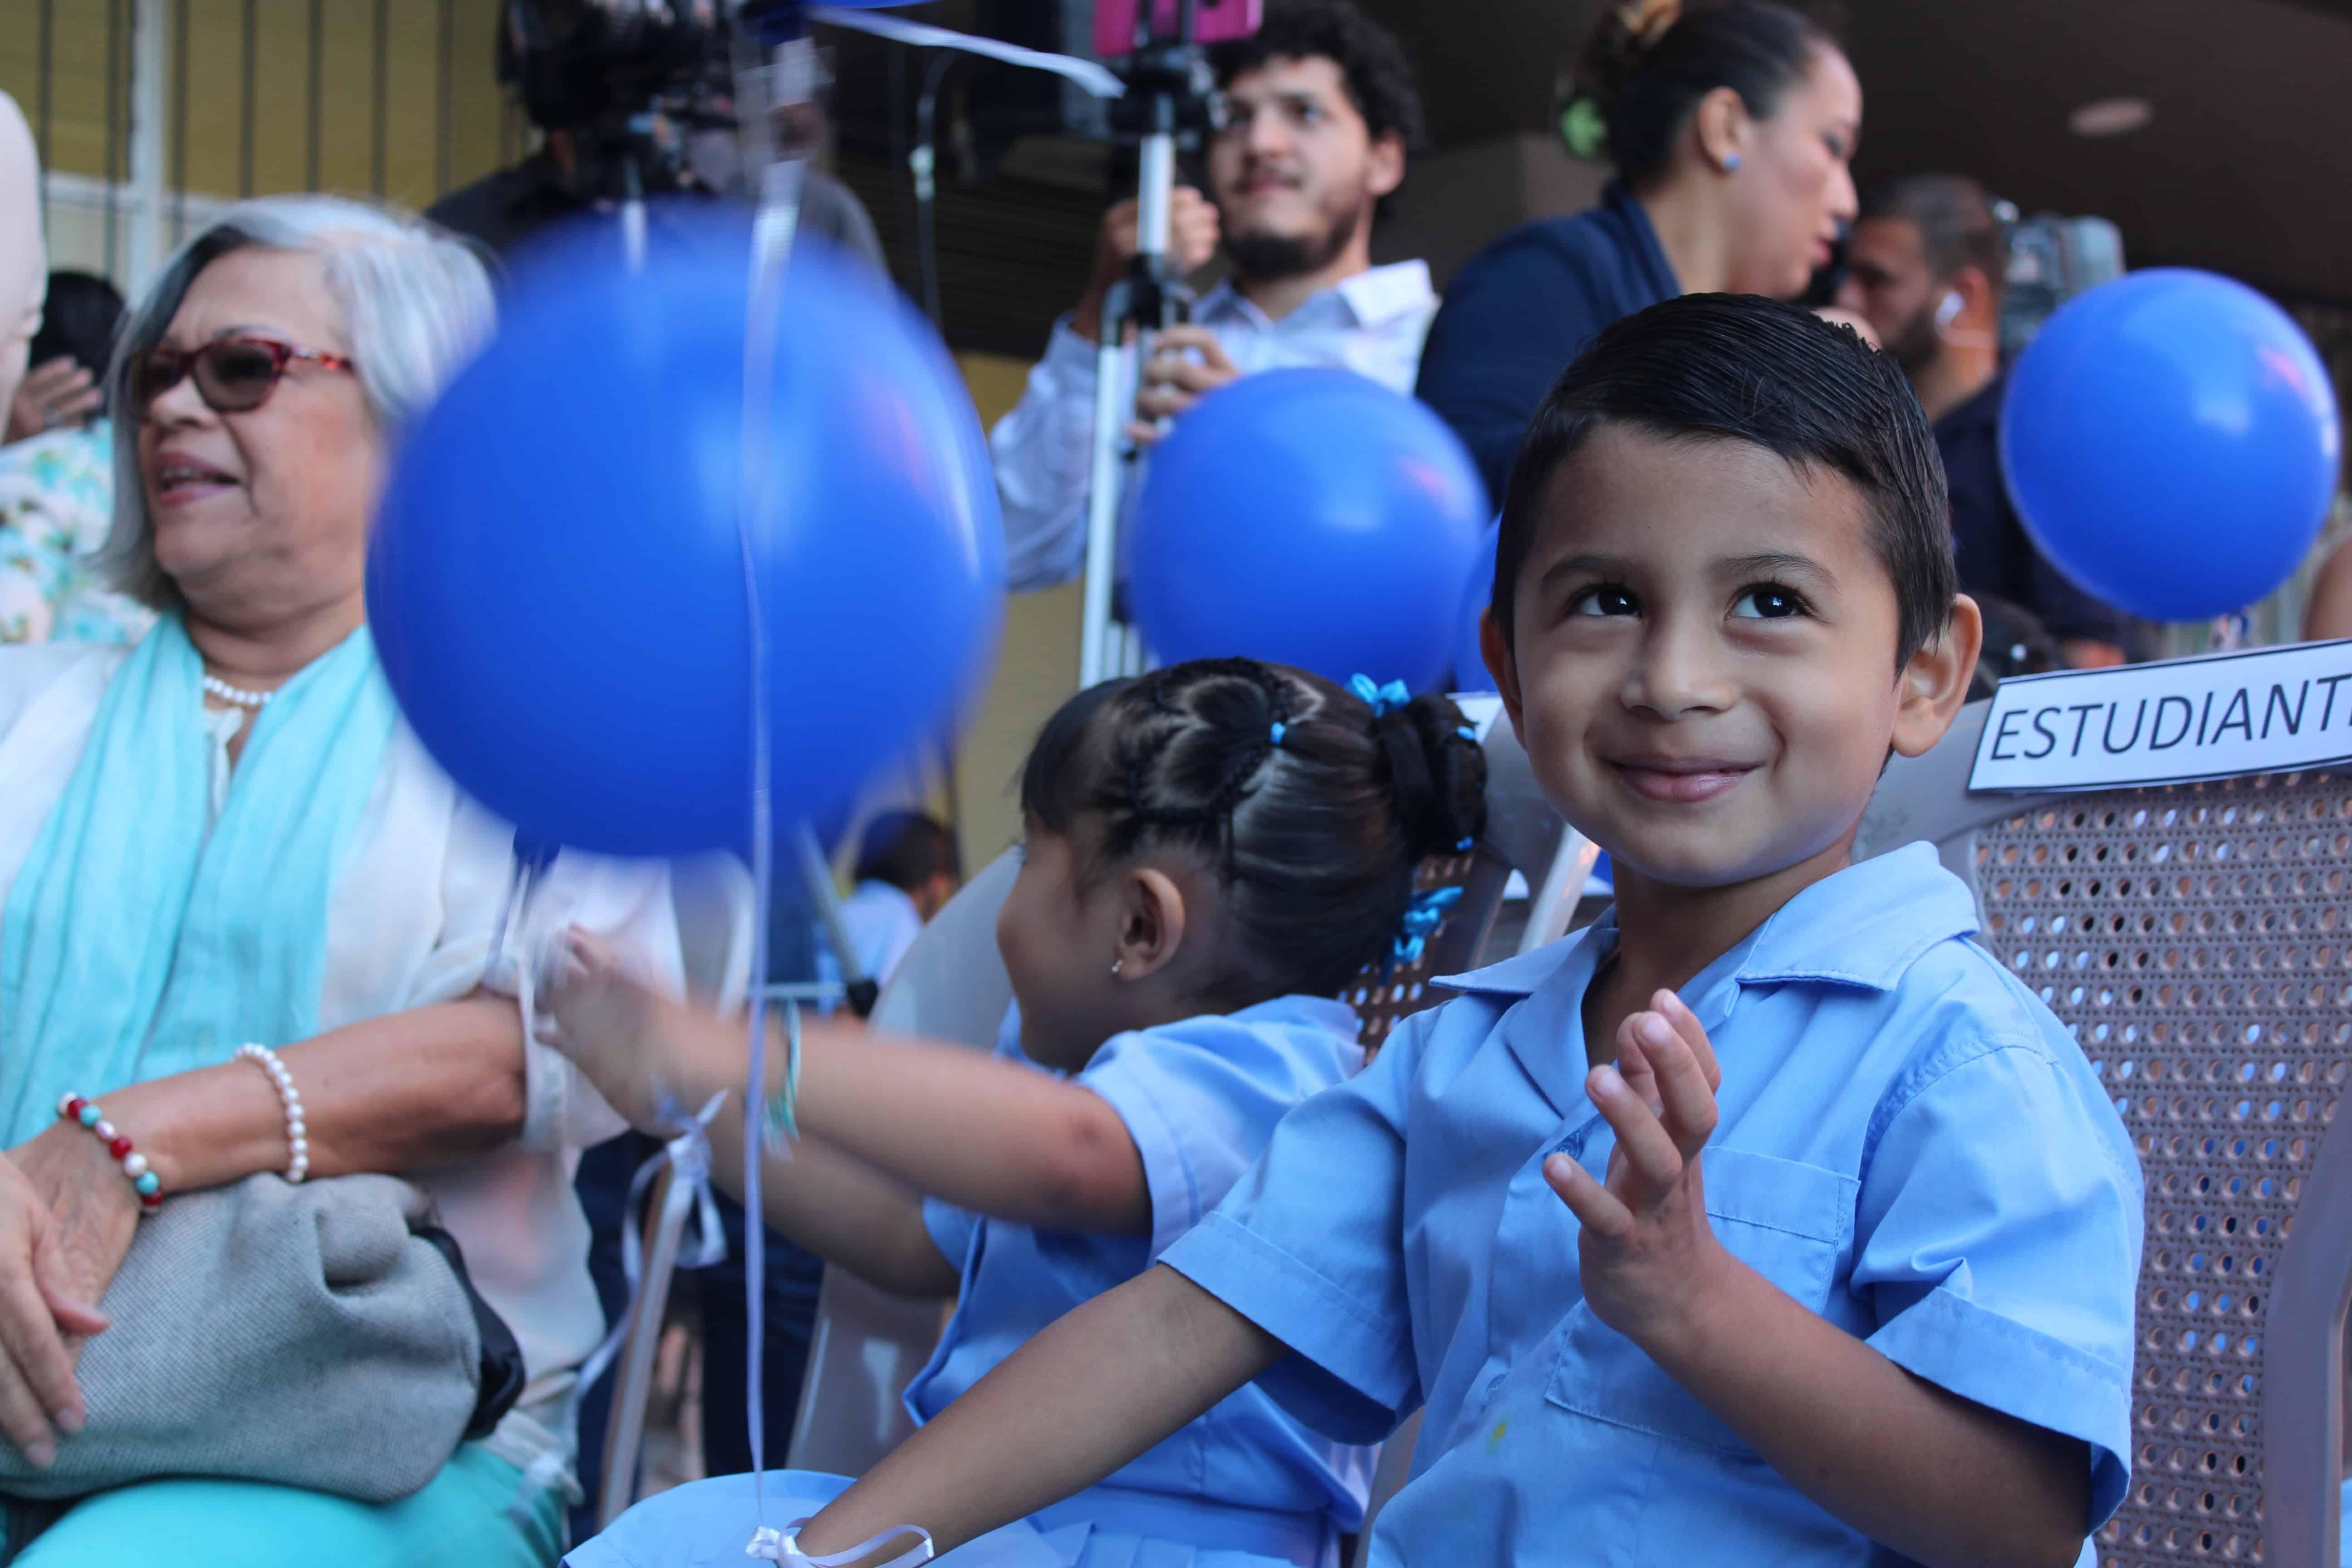 The inauguration of the new school in La Carpio, San José, Costa Rica, on March 21, 2018.